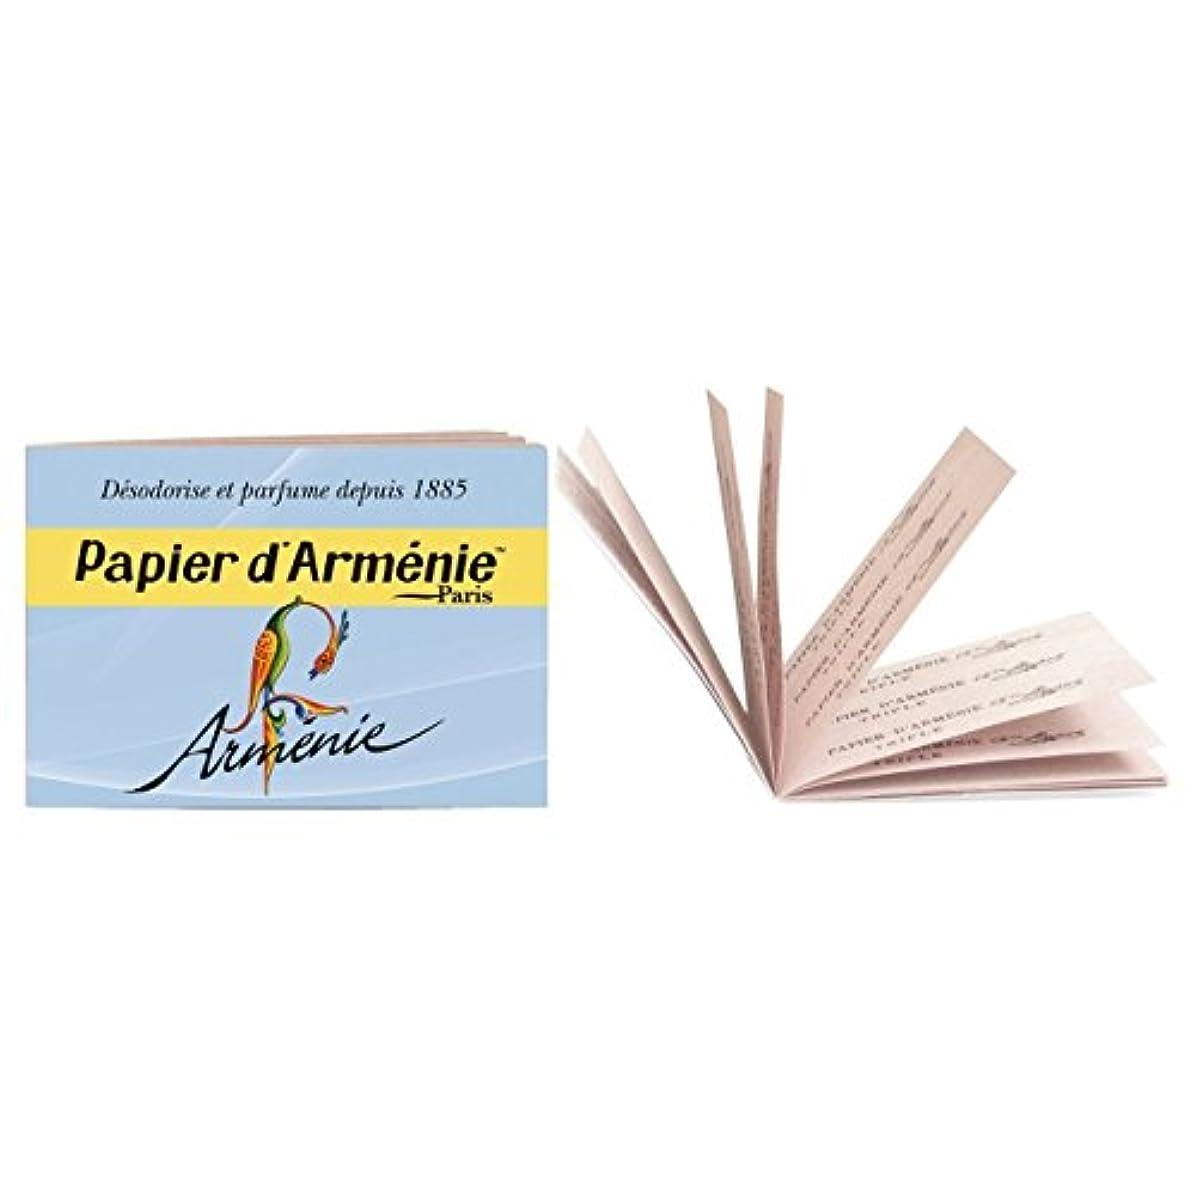 滅多有利出身地Papier d'Arménie パピエダルメニイ アルメニイ 紙のお香 フランス直送 [並行輸入品]